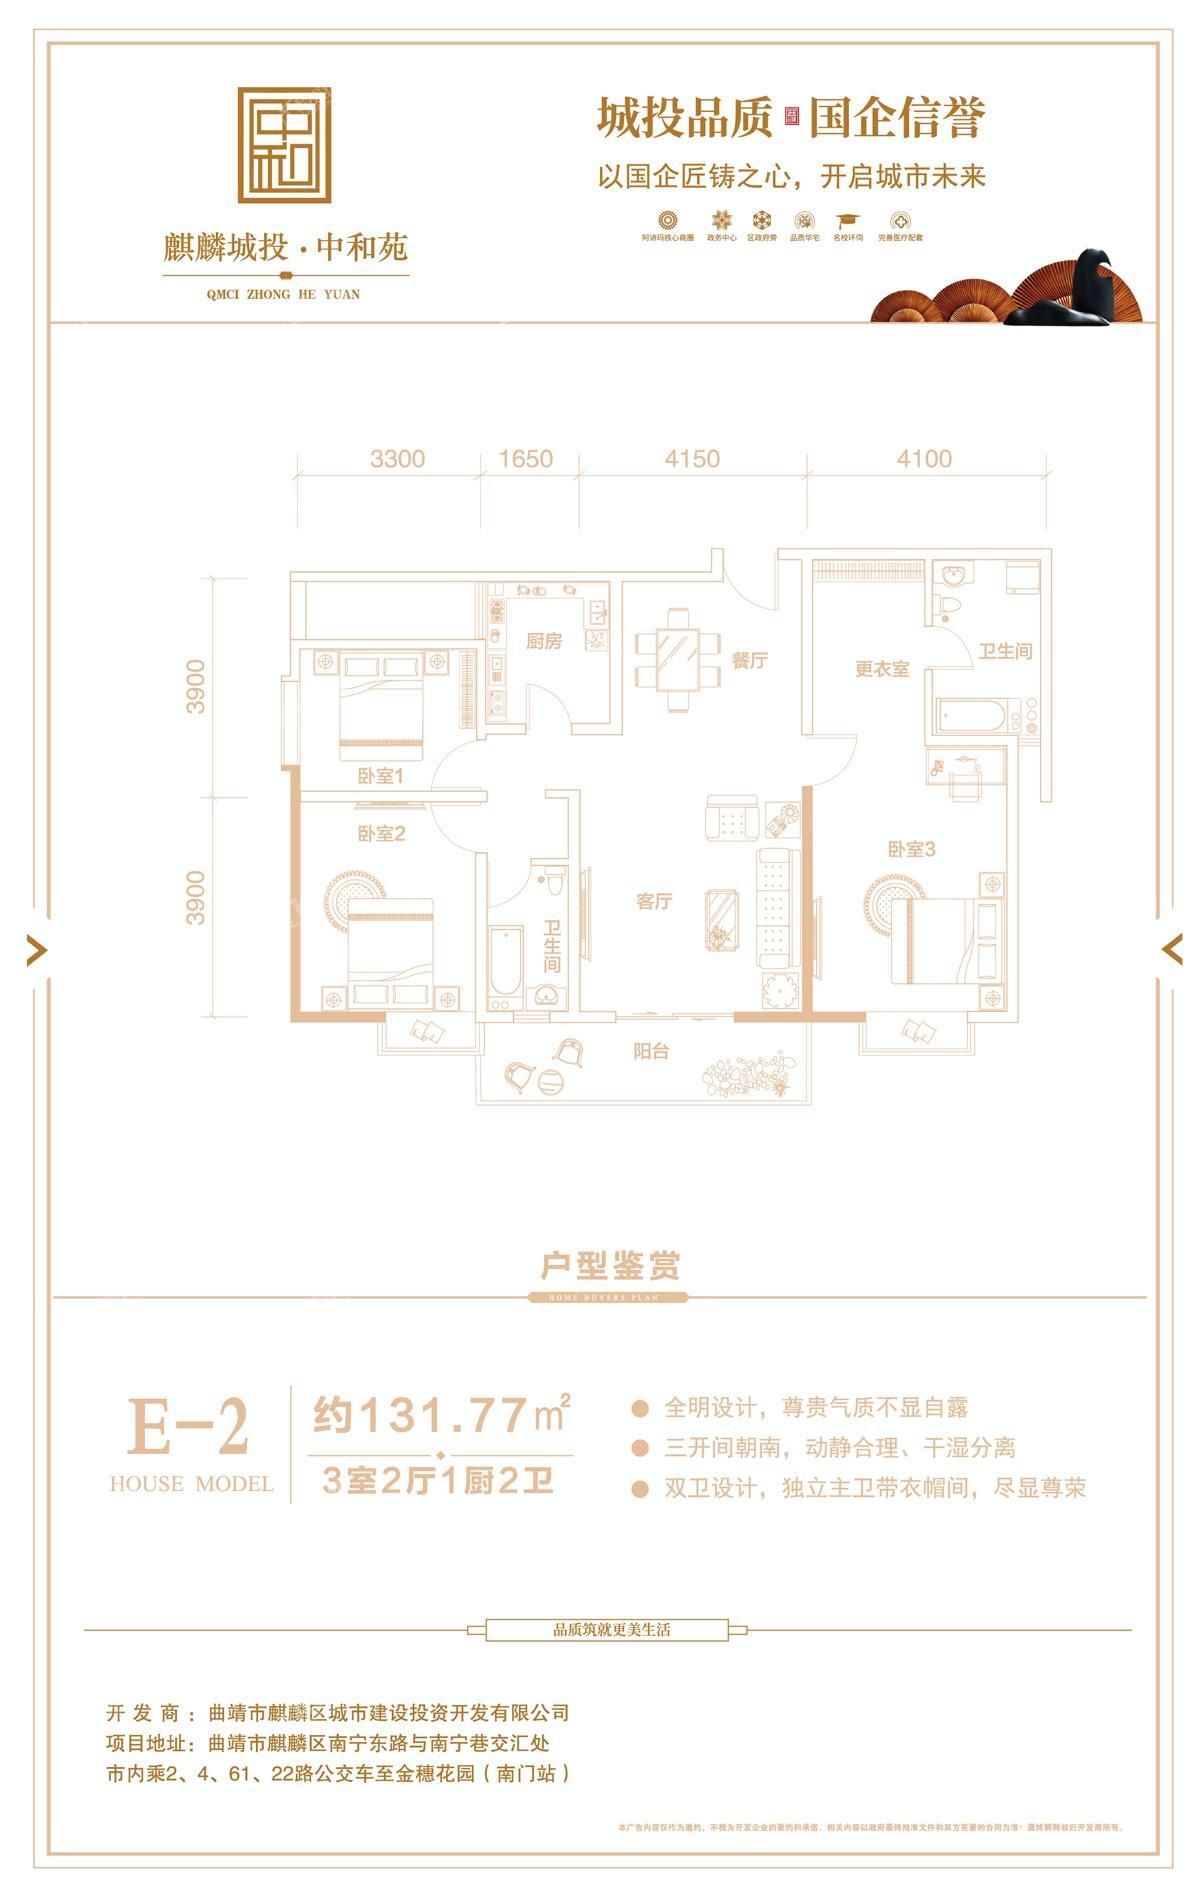 麒麟城投·中和苑户型图6